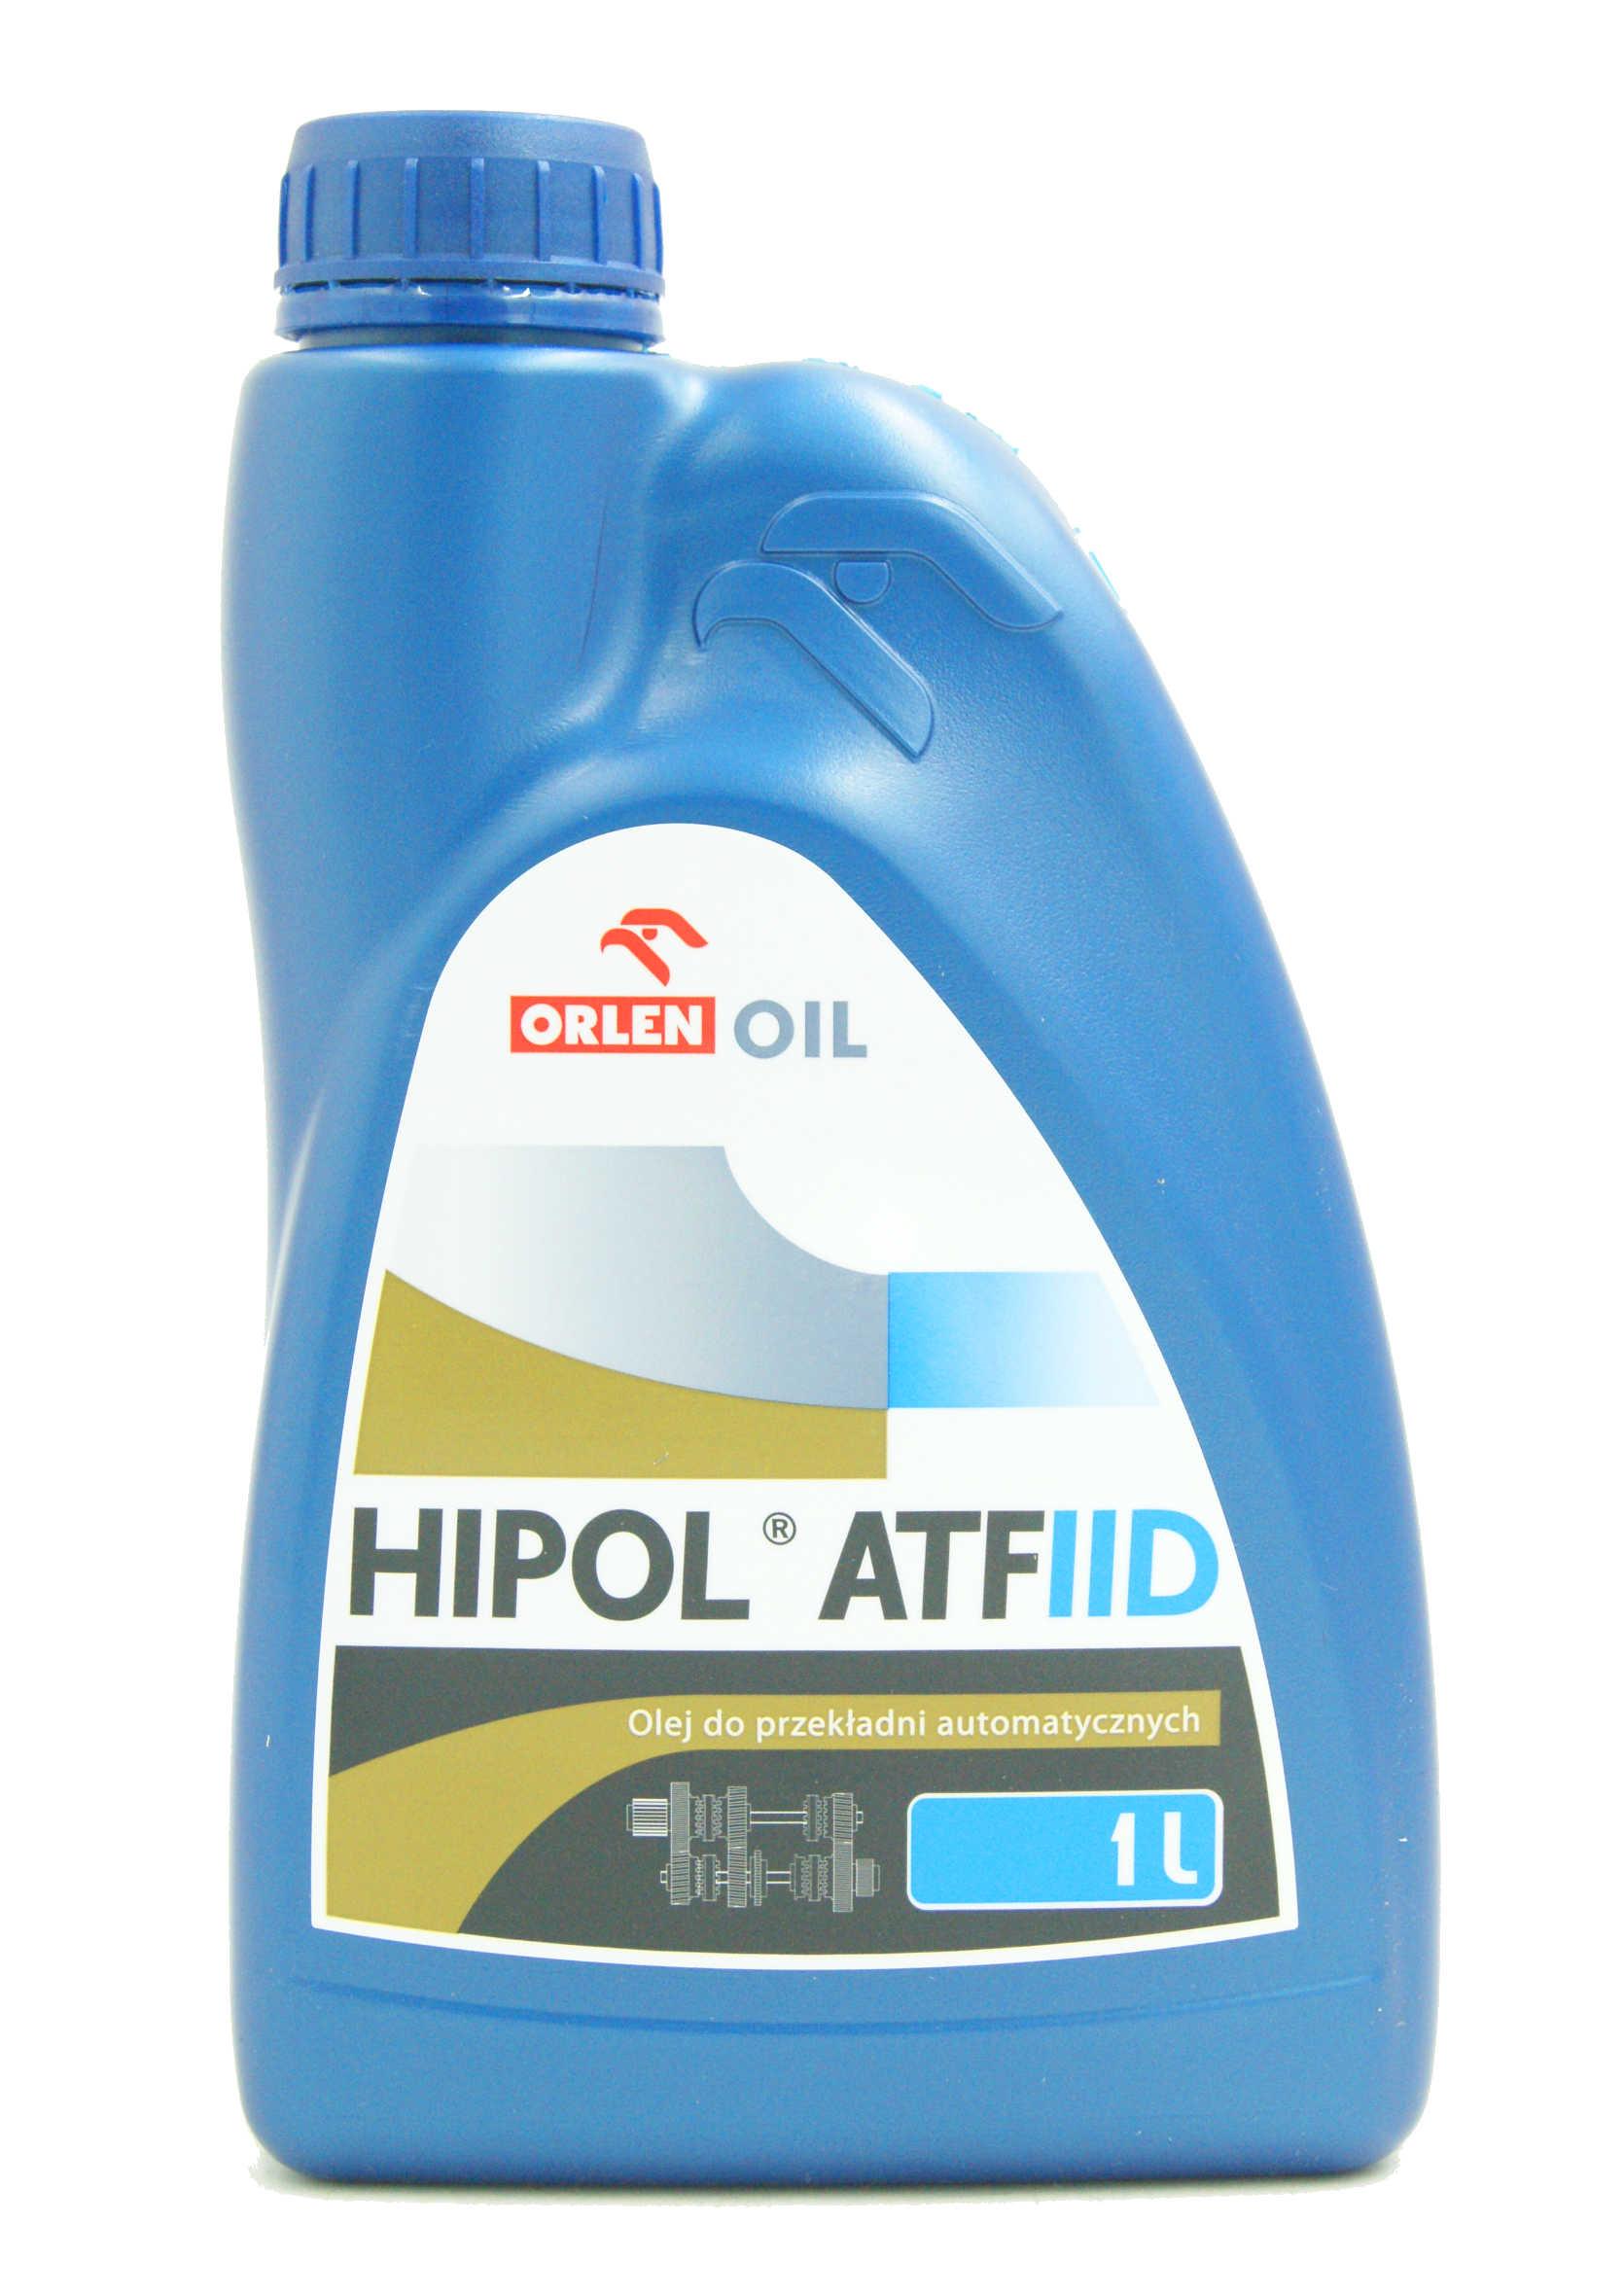 Hipol ATF IID 1L Olej Przekładniowy Mineralny do Skrzyni Automatycznej